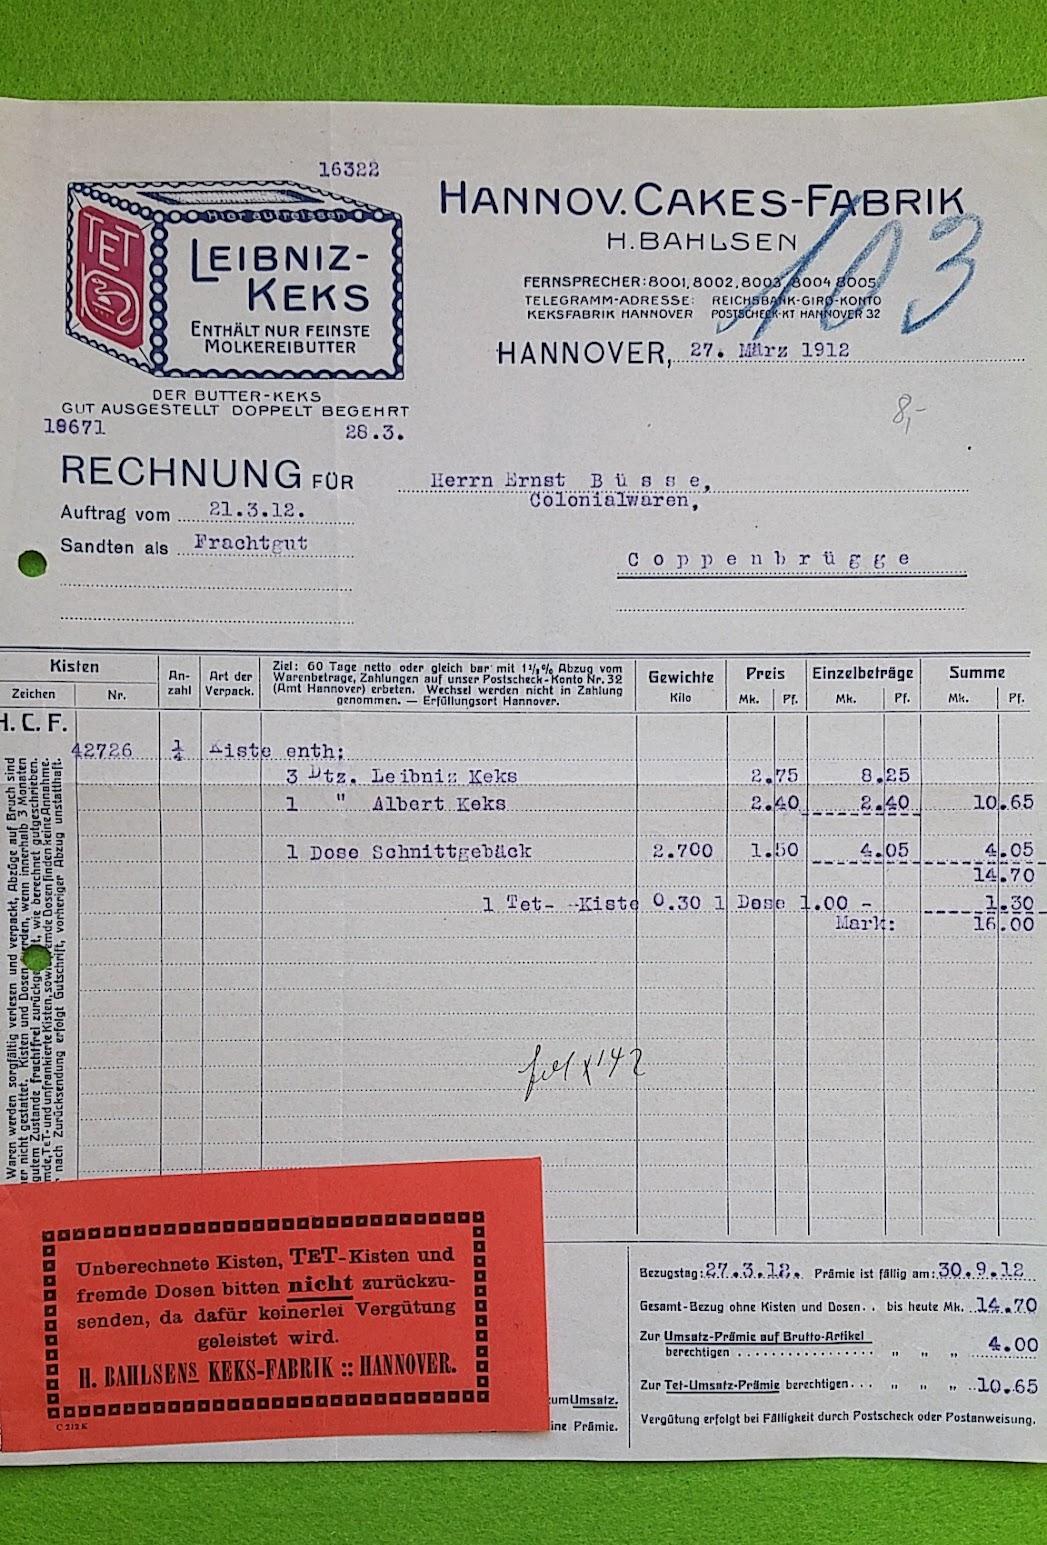 Rechnung mit ausgewiesenem Verpackungs-Pfand und Rücksende-Hinweisen, Bahlsen, 1912